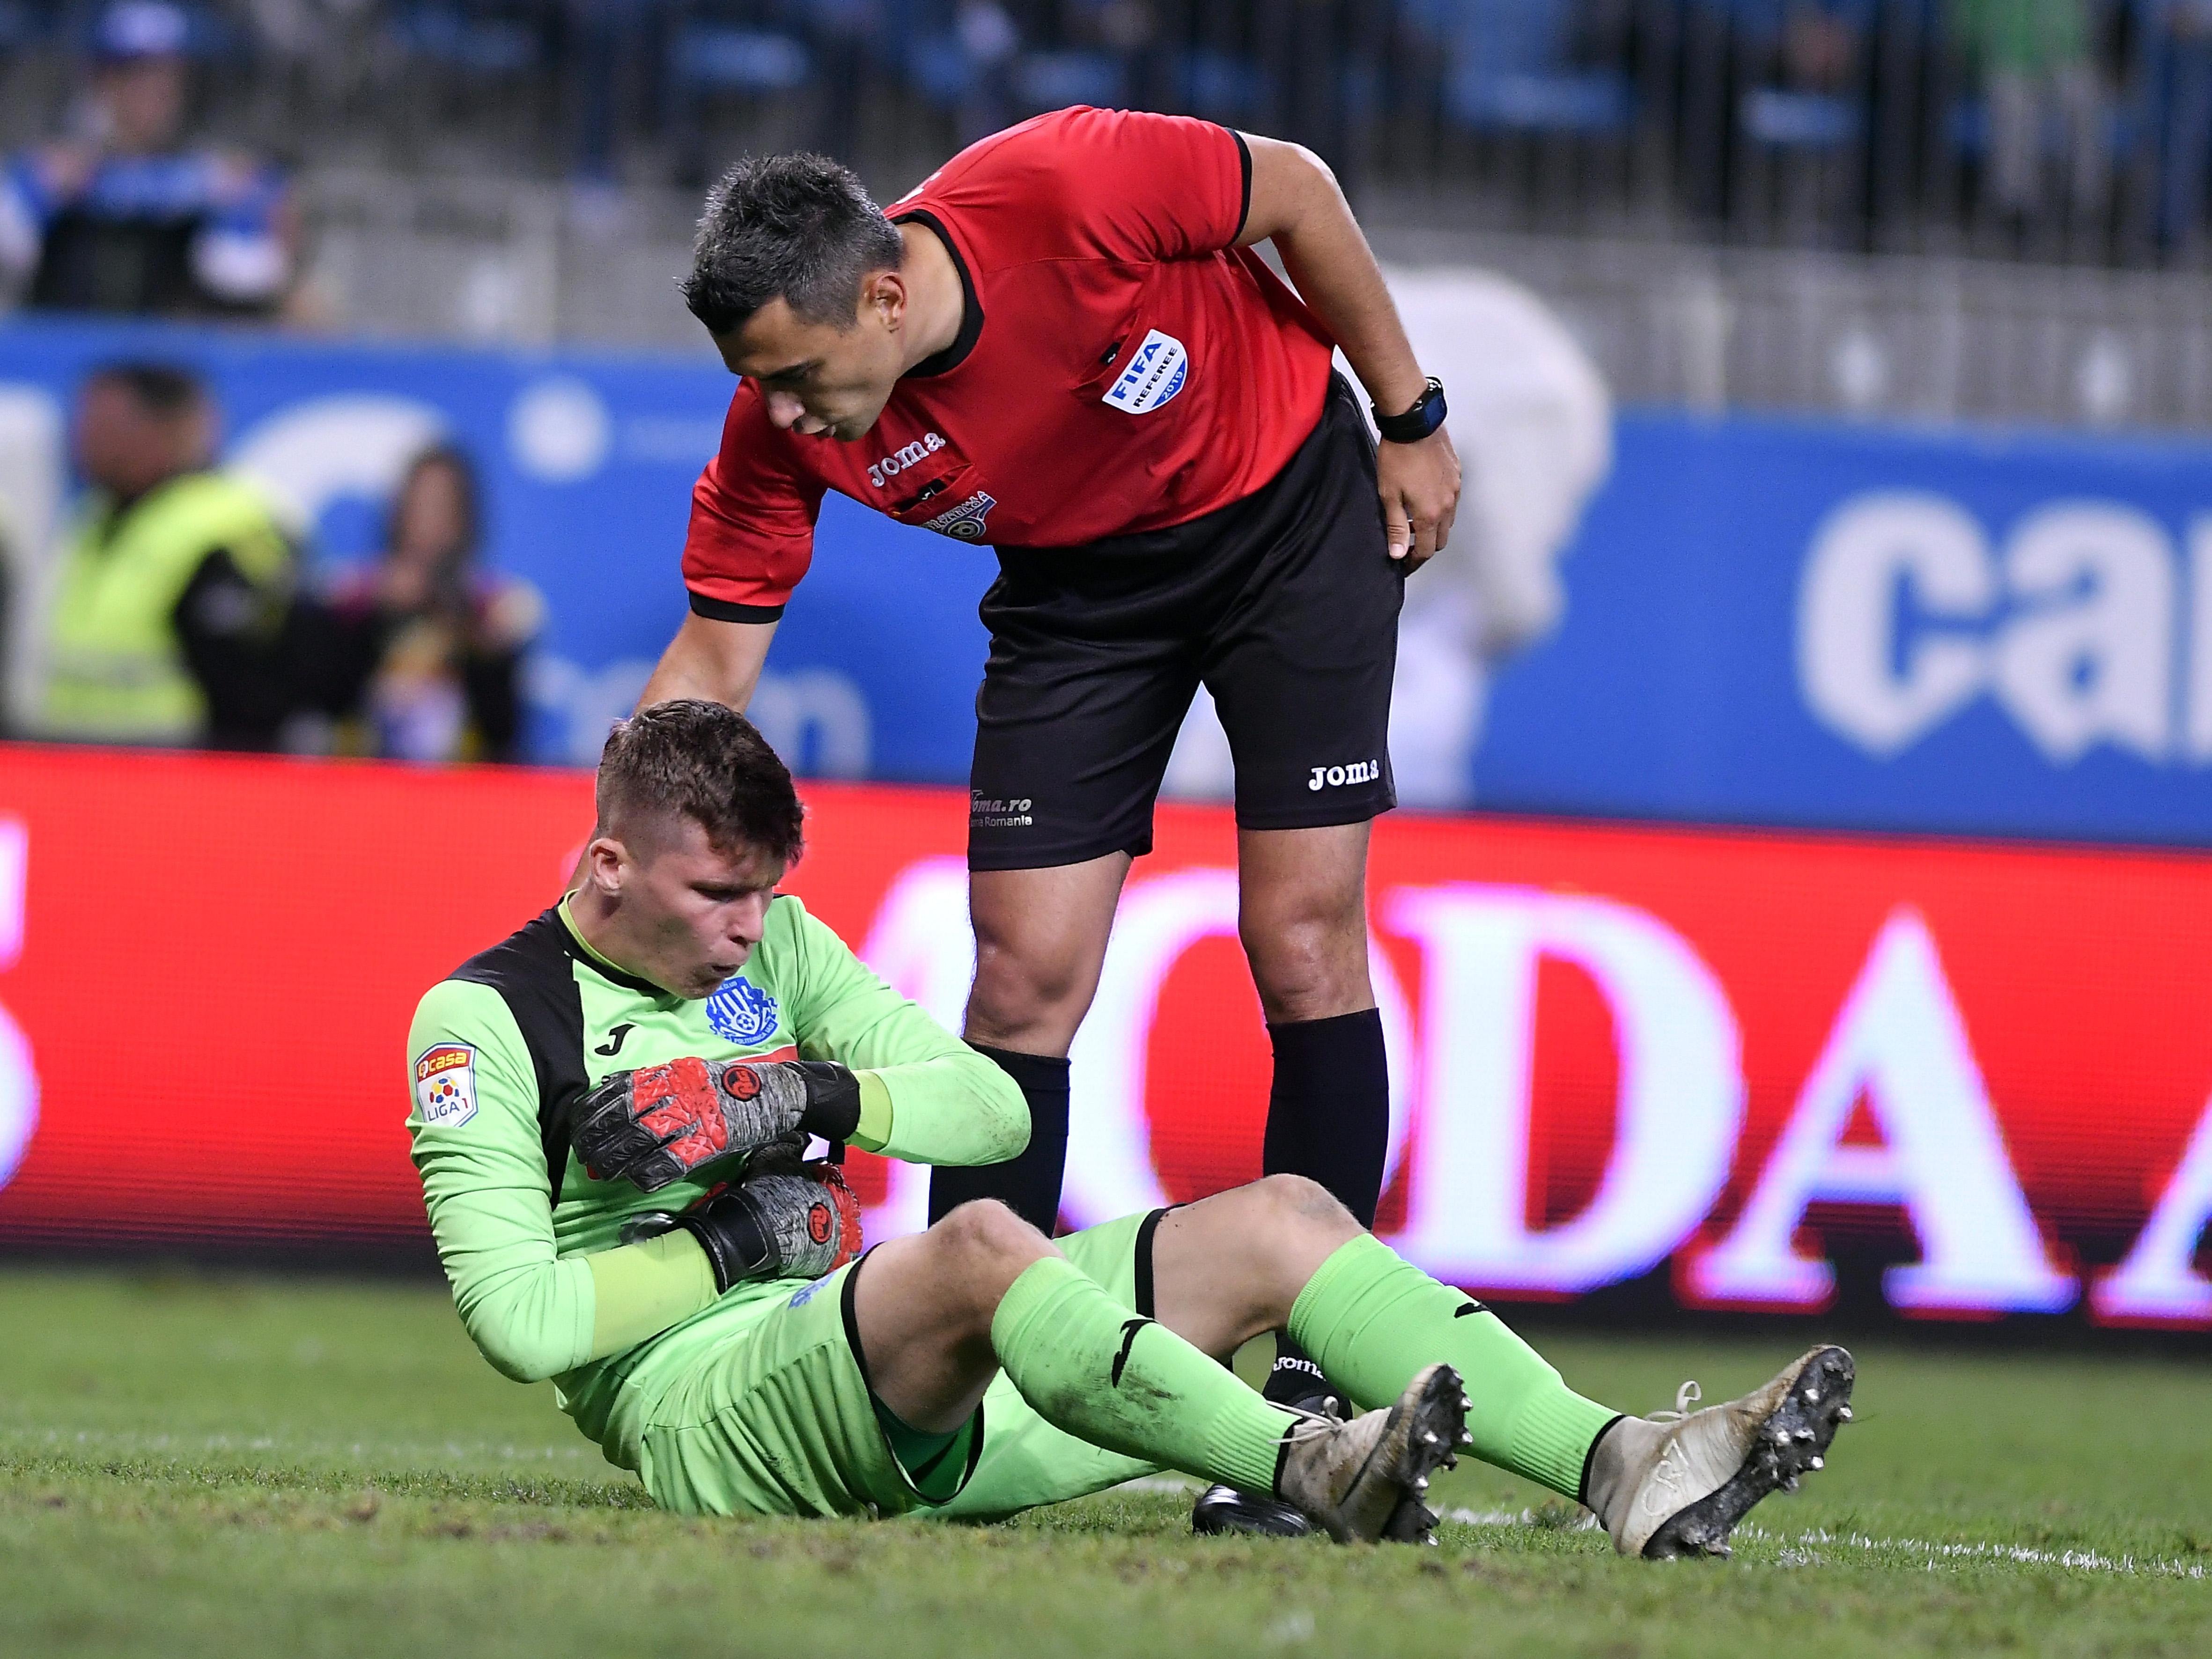 Ştefan Târnovanu nu va evolua împotriva FCSB-ului! Gigi Becali a pus clauză când l-a transferat de la Poli Iaşi. EXCLUSIV